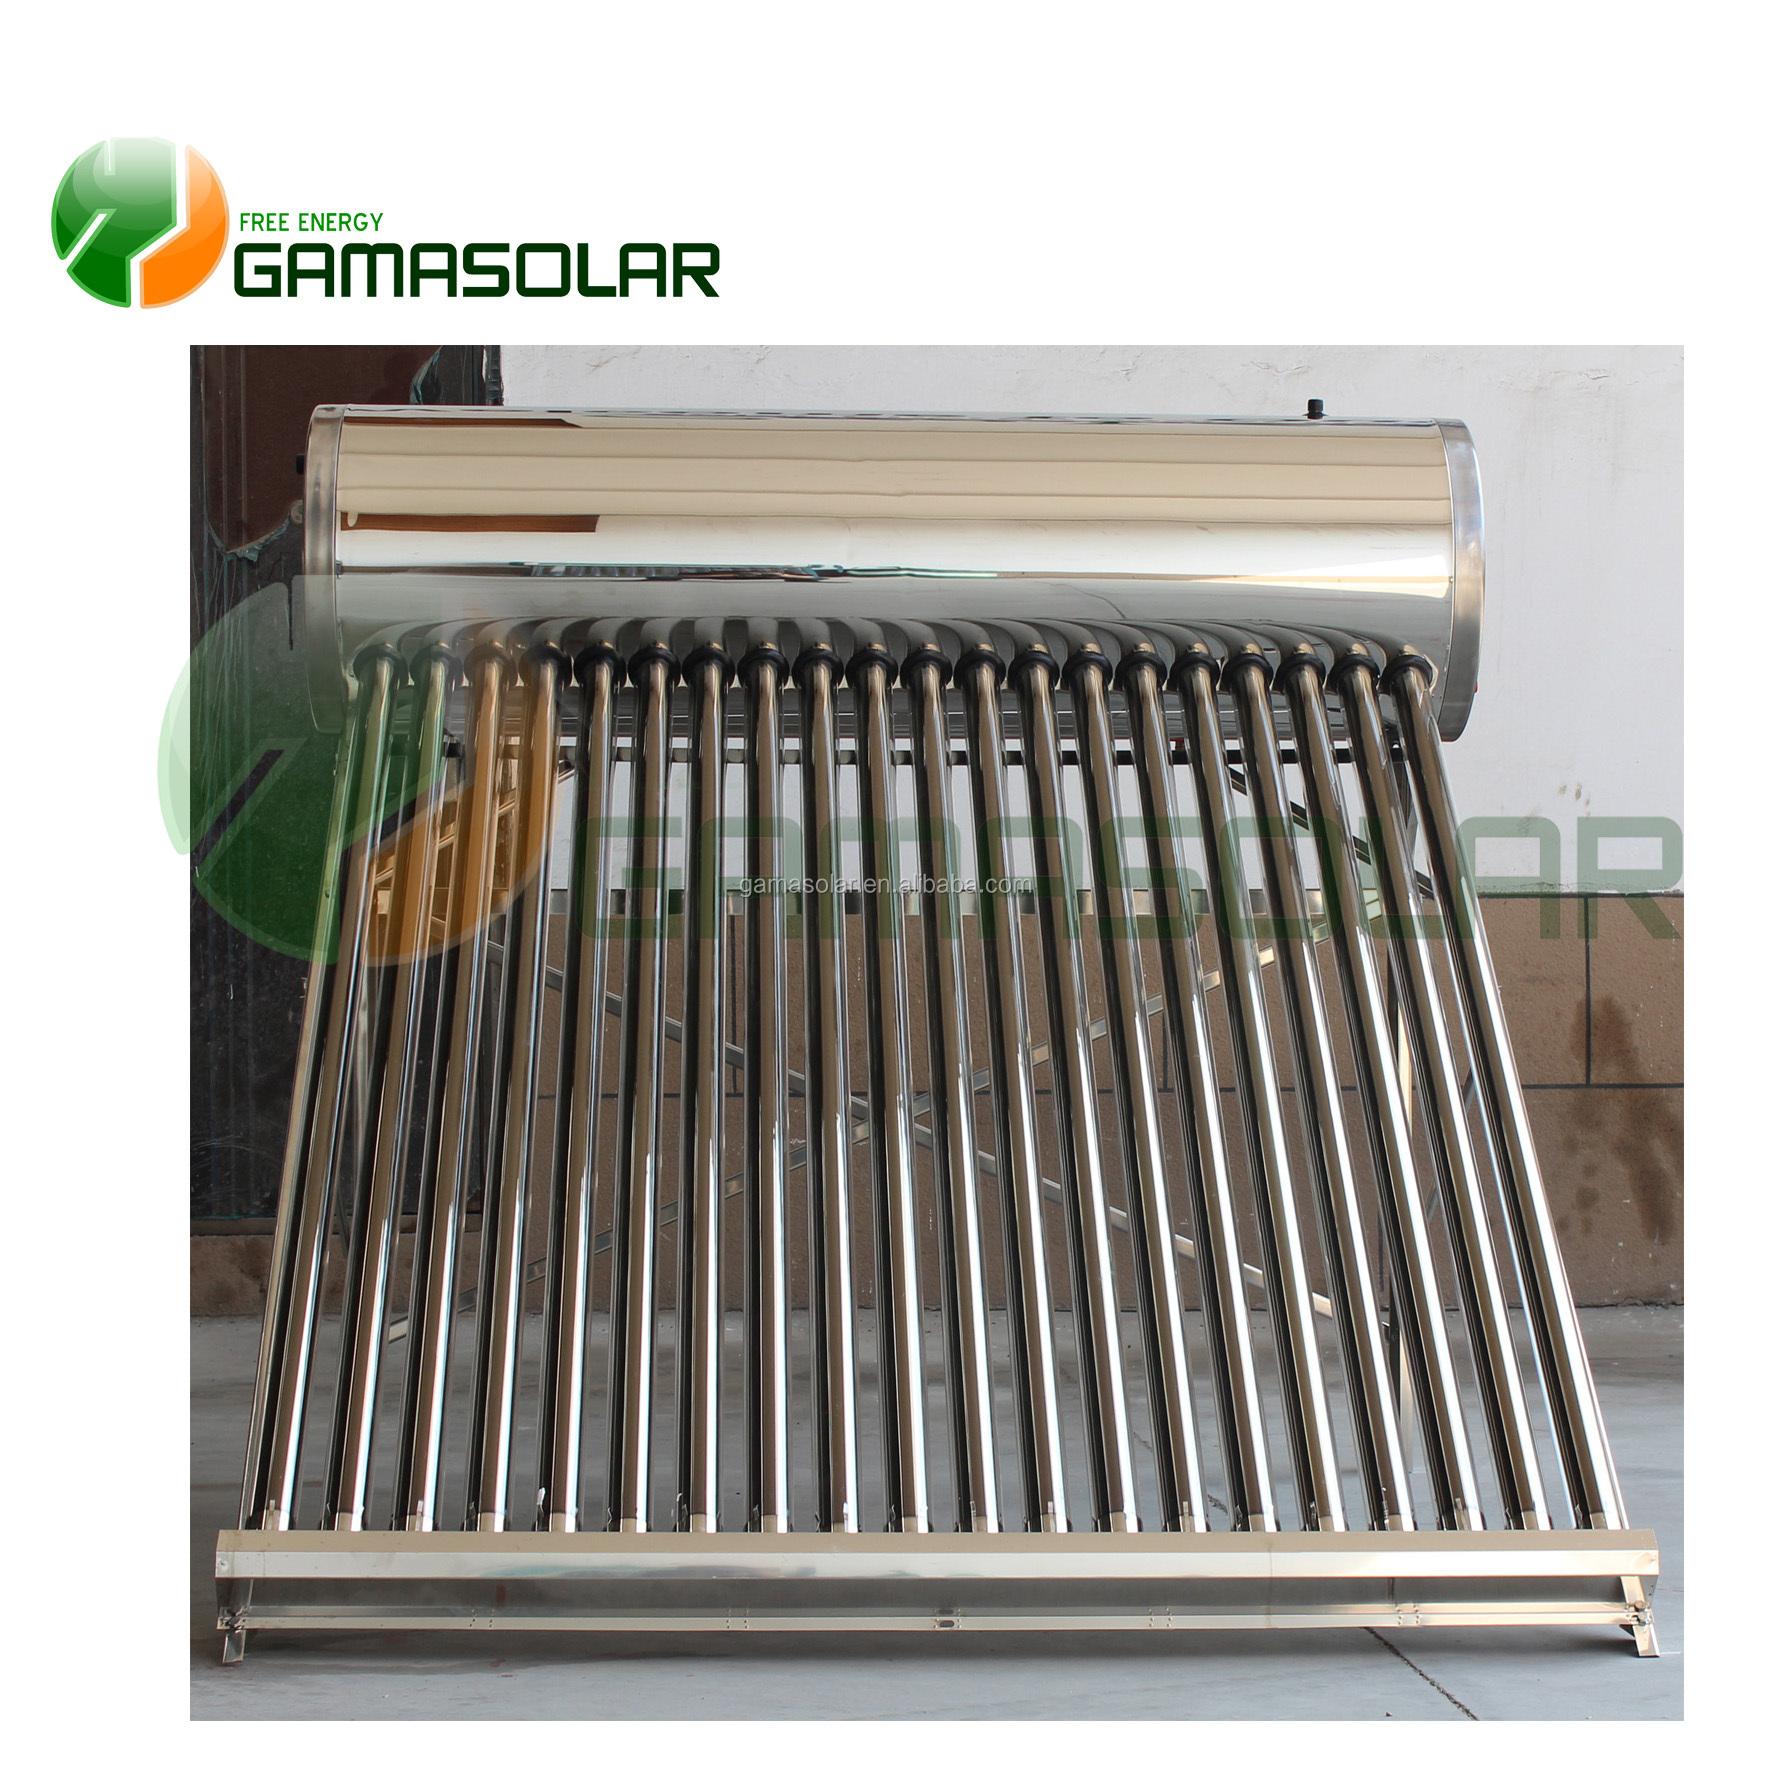 GAMASOLAR no de calentador de agua solar presurizado PRECIO DE 80L a 500L con controlador tk7 de acero inoxidable